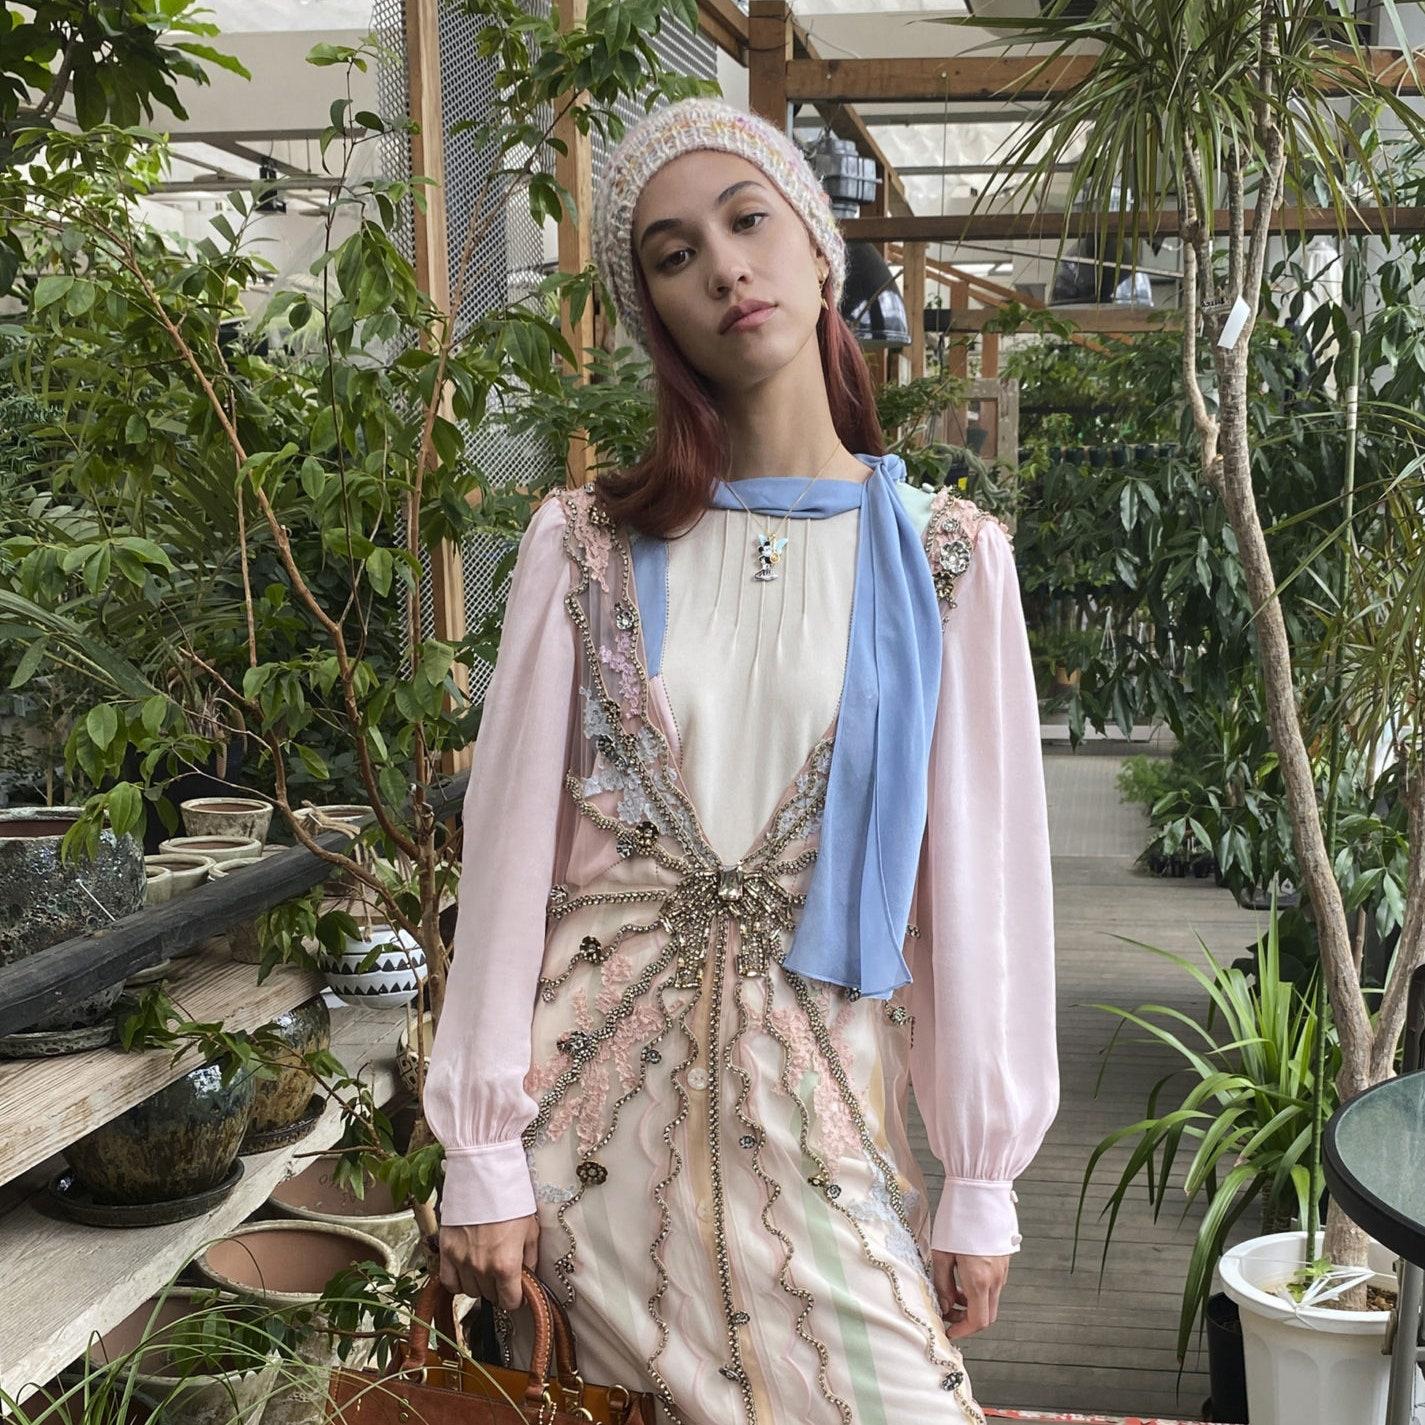 Климатический кризис: как индустрия моды собирается помогать планете в 2021 году